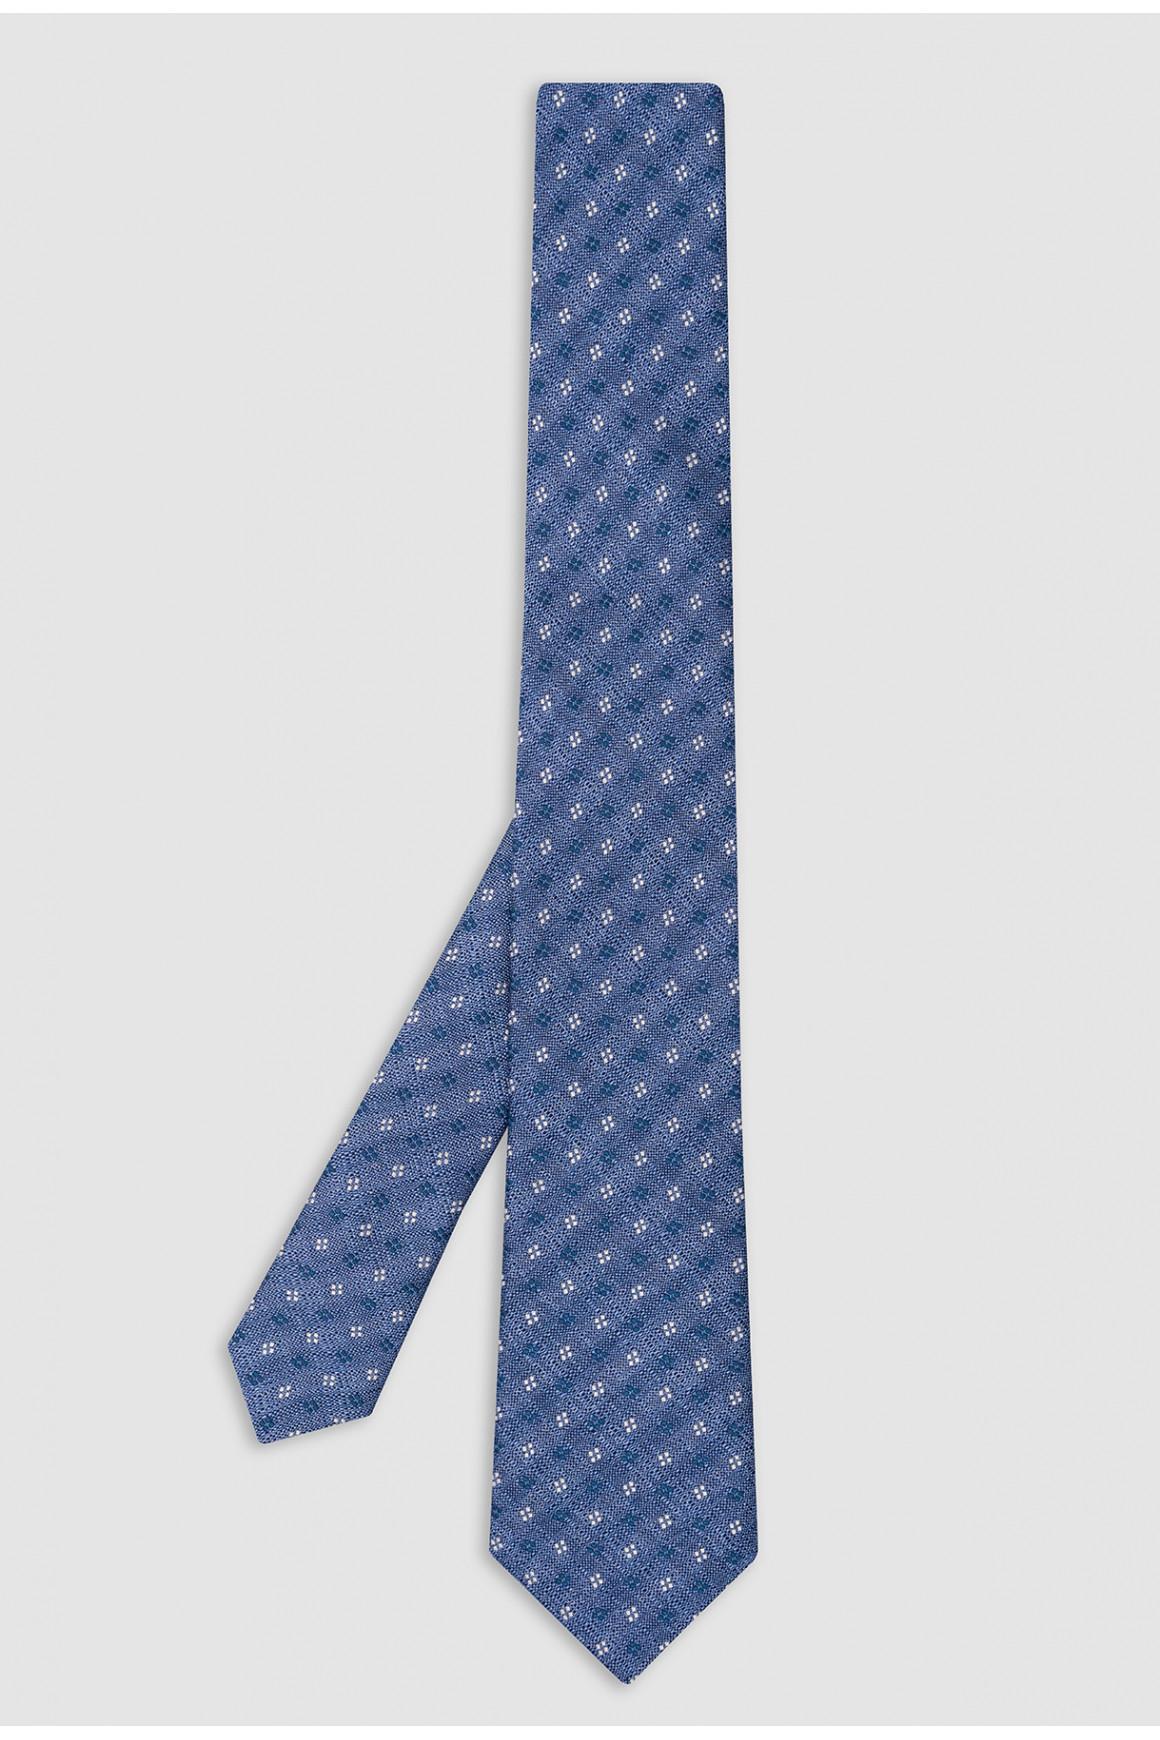 Cravate Denim Micromotif Soie